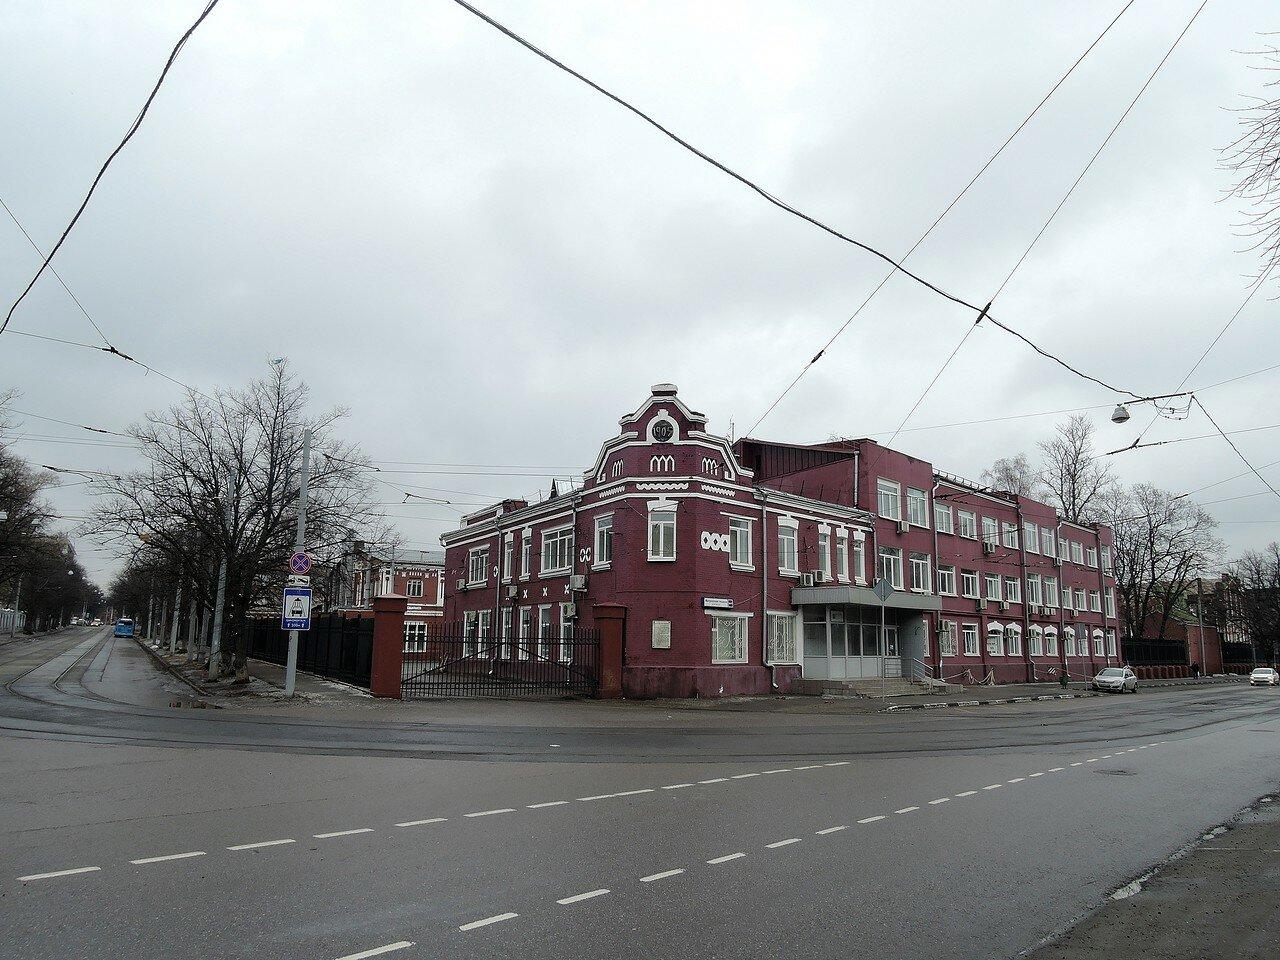 Улица Матросская Тишина. СВАРЗ.